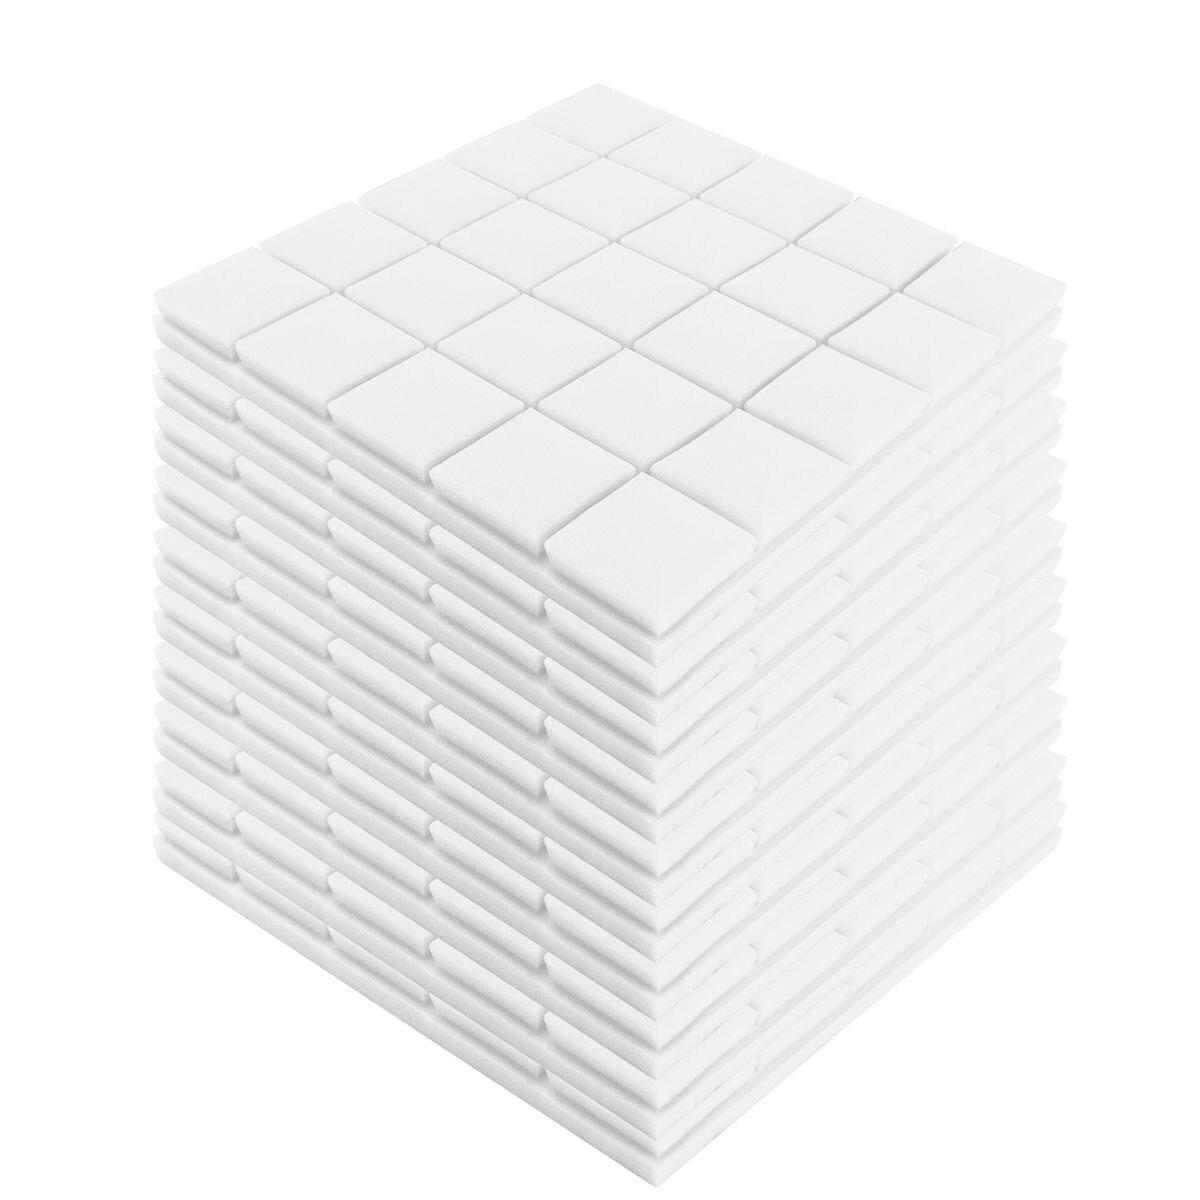 24 pces 4 cores 50x50x5cm estúdio acústico à prova de som espuma absorção de som painel telha cunha proteção esponja